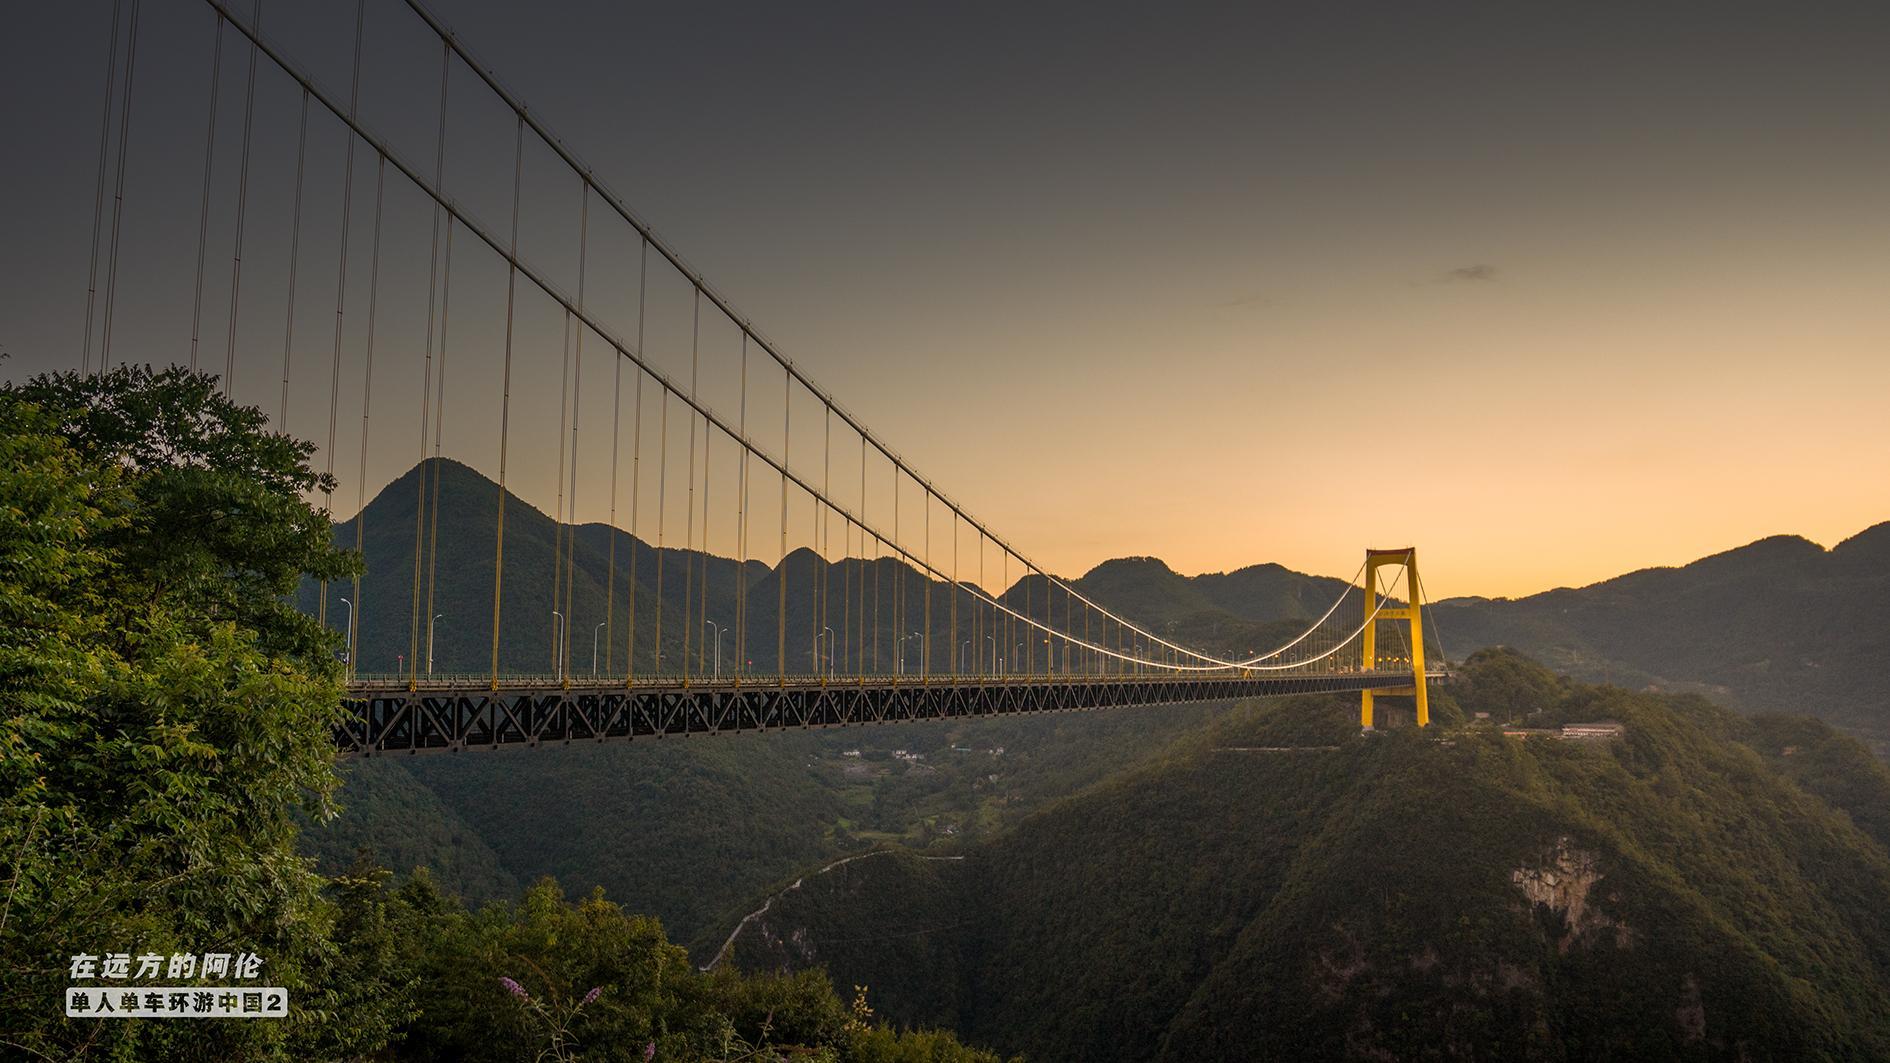 令世界惊艳的超级工程,四渡河大桥